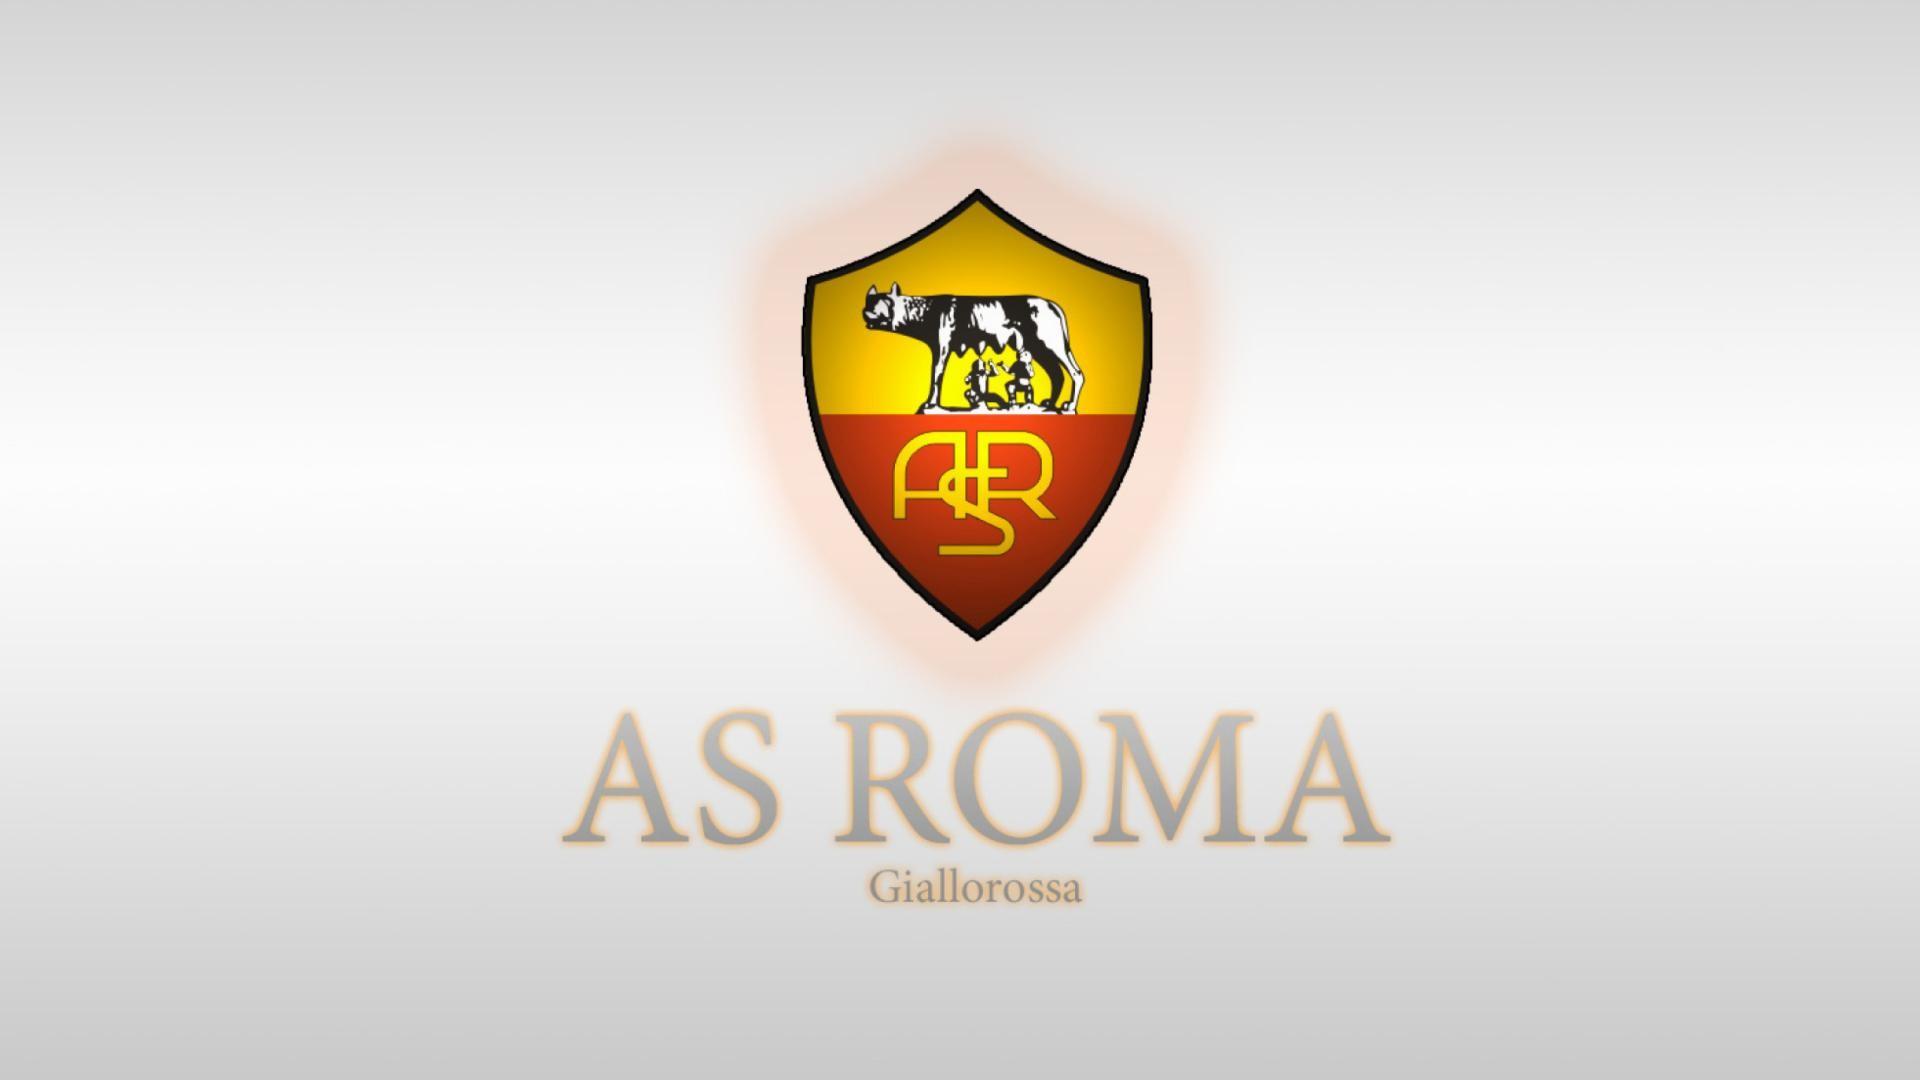 Sfondi as roma 64 immagini for Immagini full hd 1920x1080